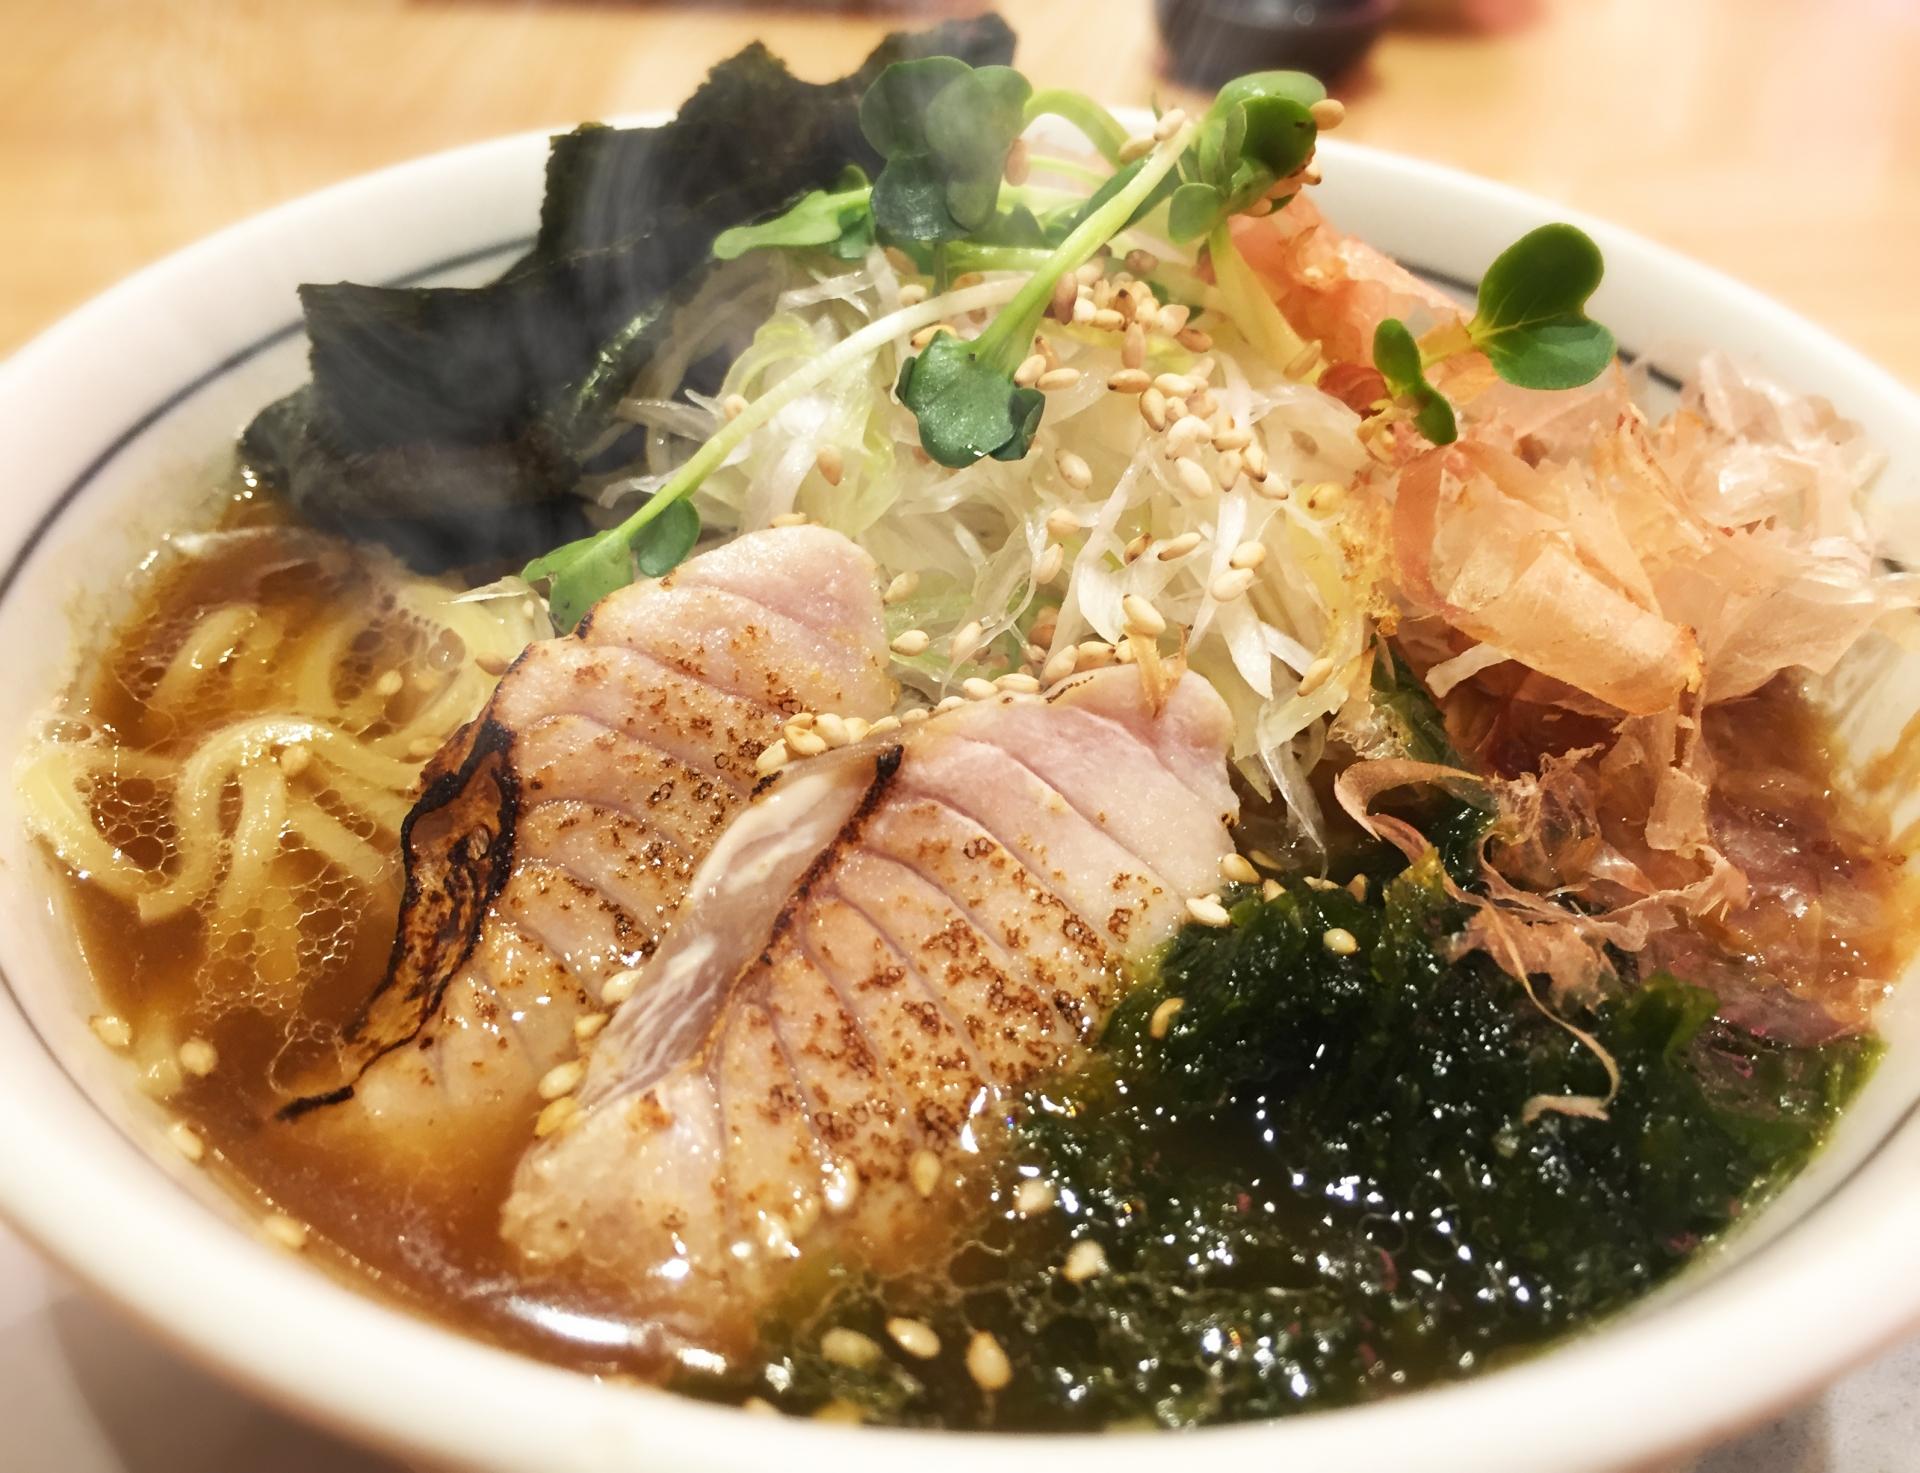 มากุโร่ราเมน อาหารท้องถิ่น คานางาวะ Maguro Ramen